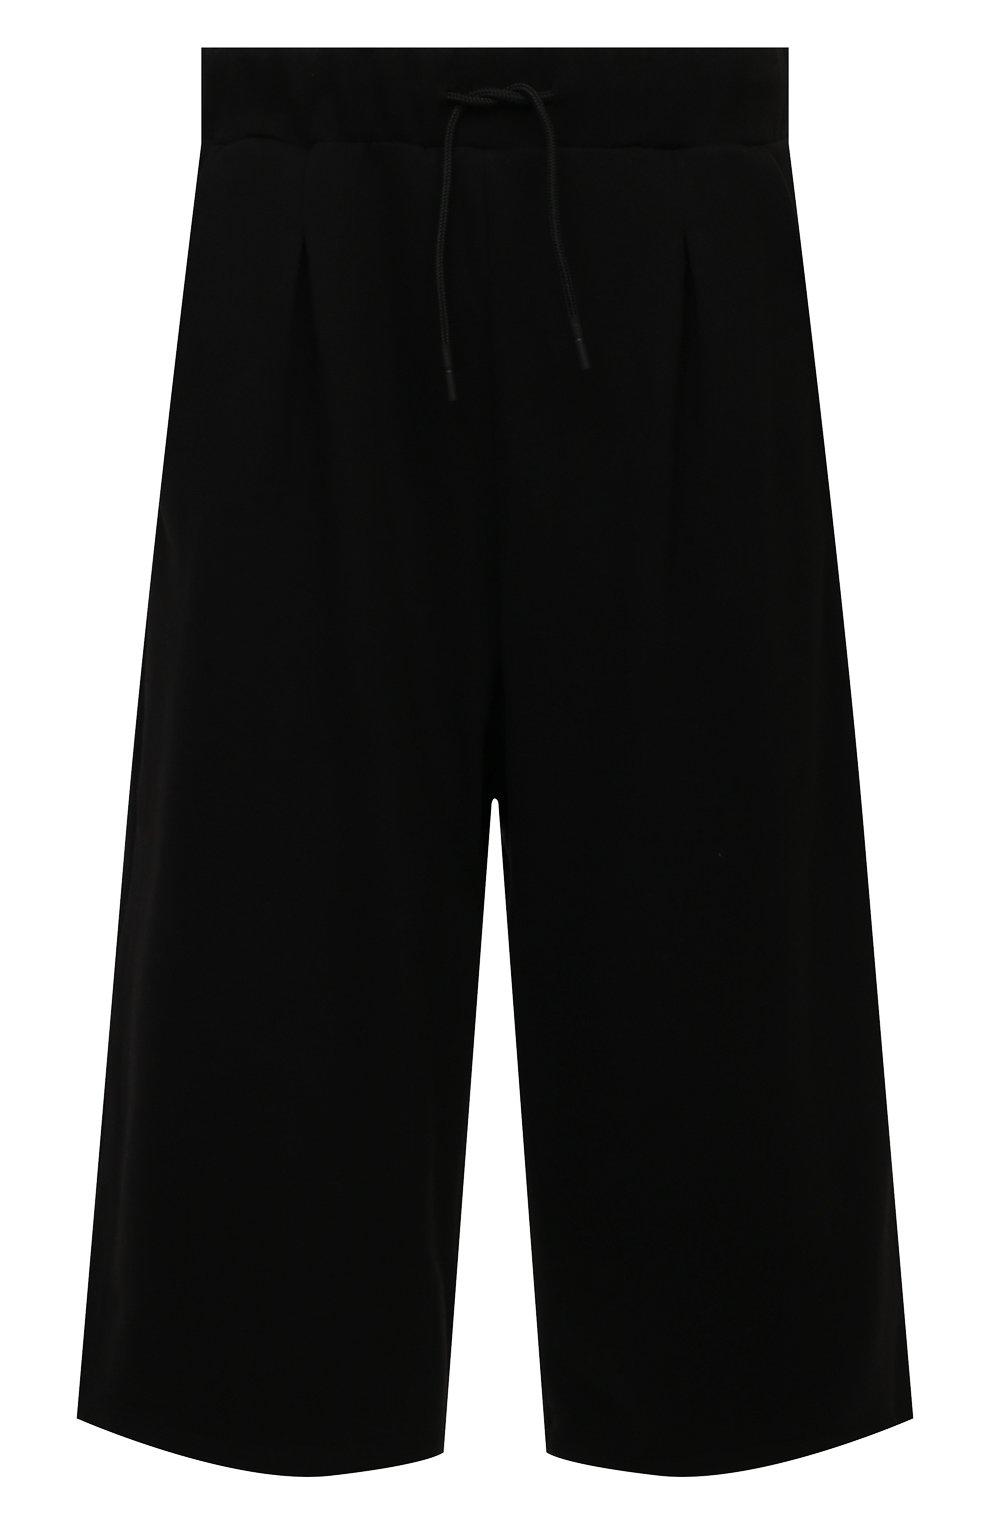 Мужские хлопковые брюки TEE LIBRARY черного цвета, арт. TSK-PT-49   Фото 1 (Случай: Повседневный; Материал внешний: Хлопок; Стили: Минимализм; Длина (брюки, джинсы): Укороченные)